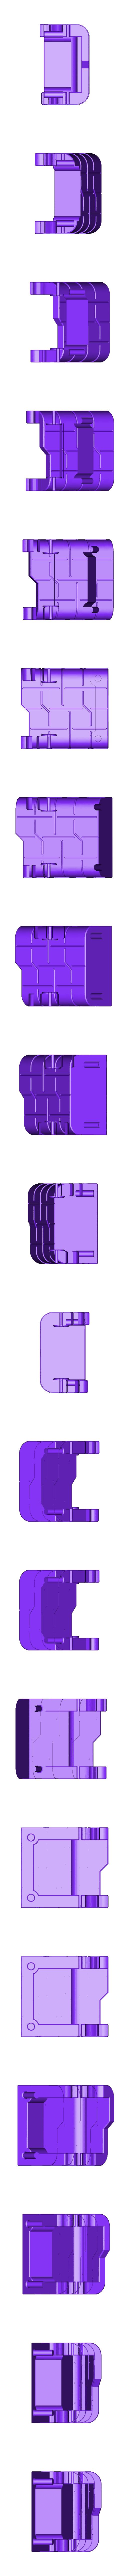 microcase_outer_w_tabs_KaziToad.stl Télécharger fichier STL Etuis à microprocesseur : pour les cartes micro SD et autres petits objets • Design imprimable en 3D, KaziToad